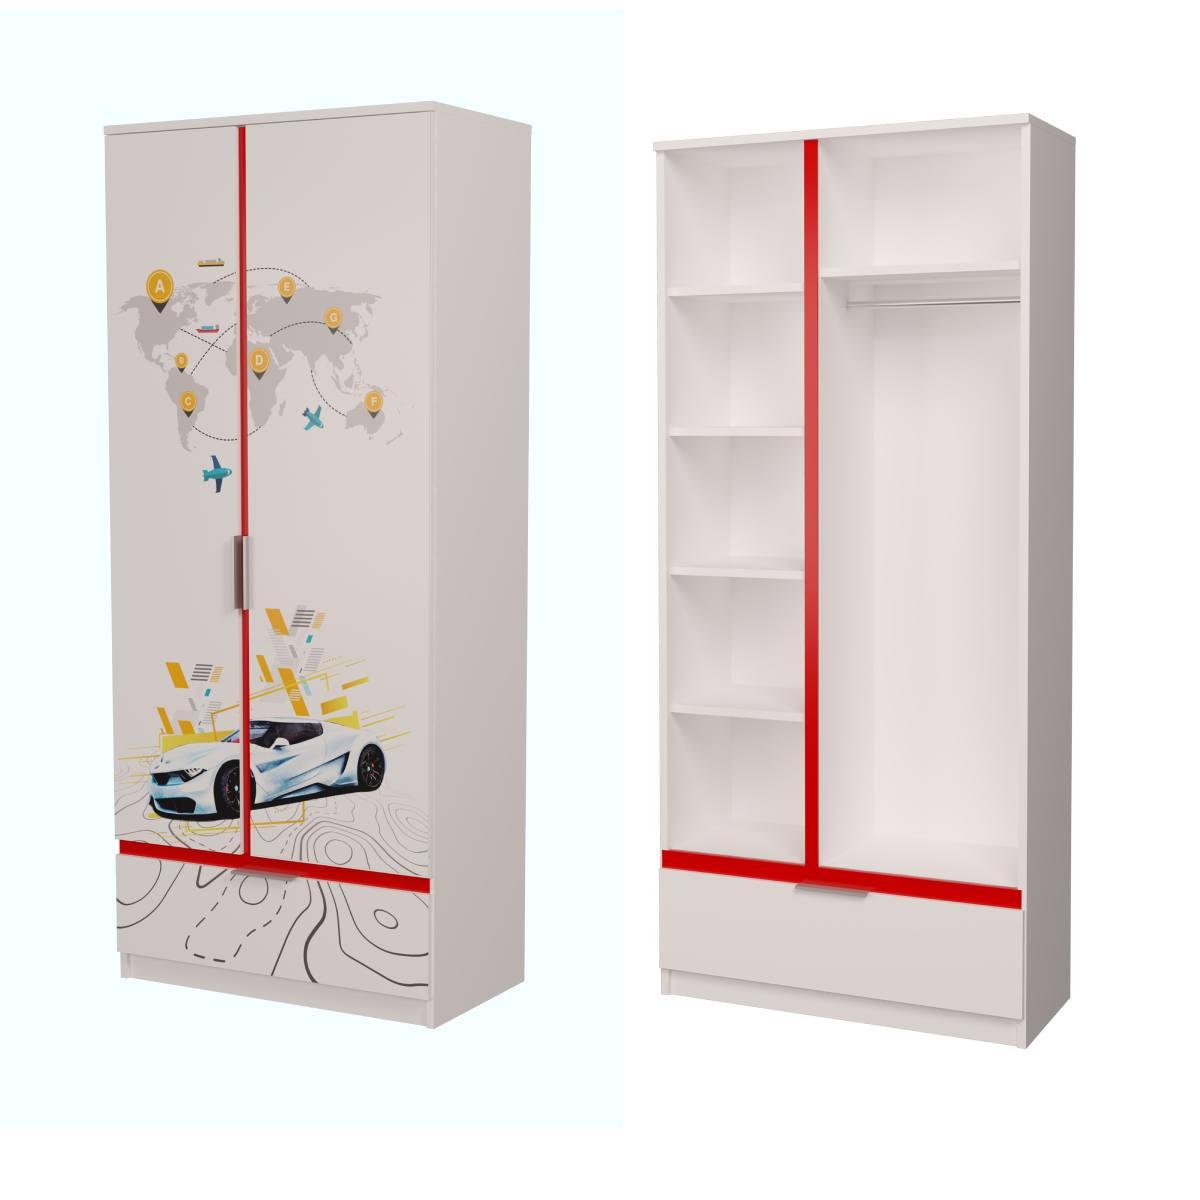 Детский шкаф бмв белый с красным